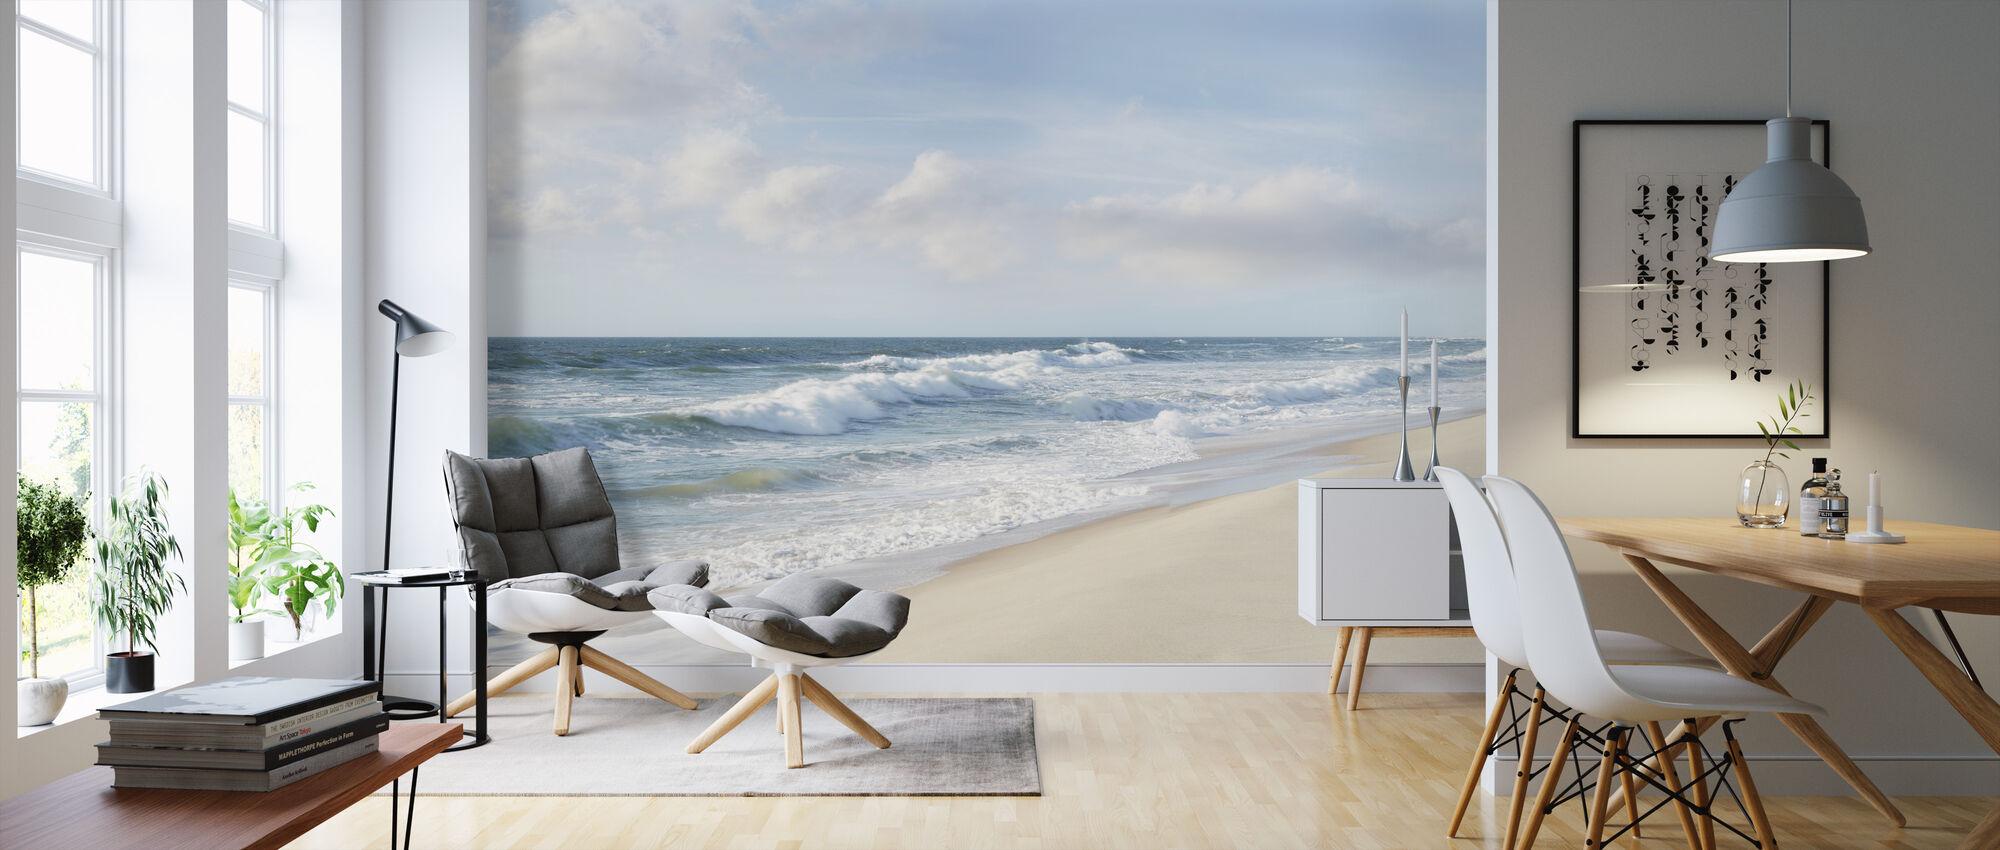 Hamptons II - Wallpaper - Living Room